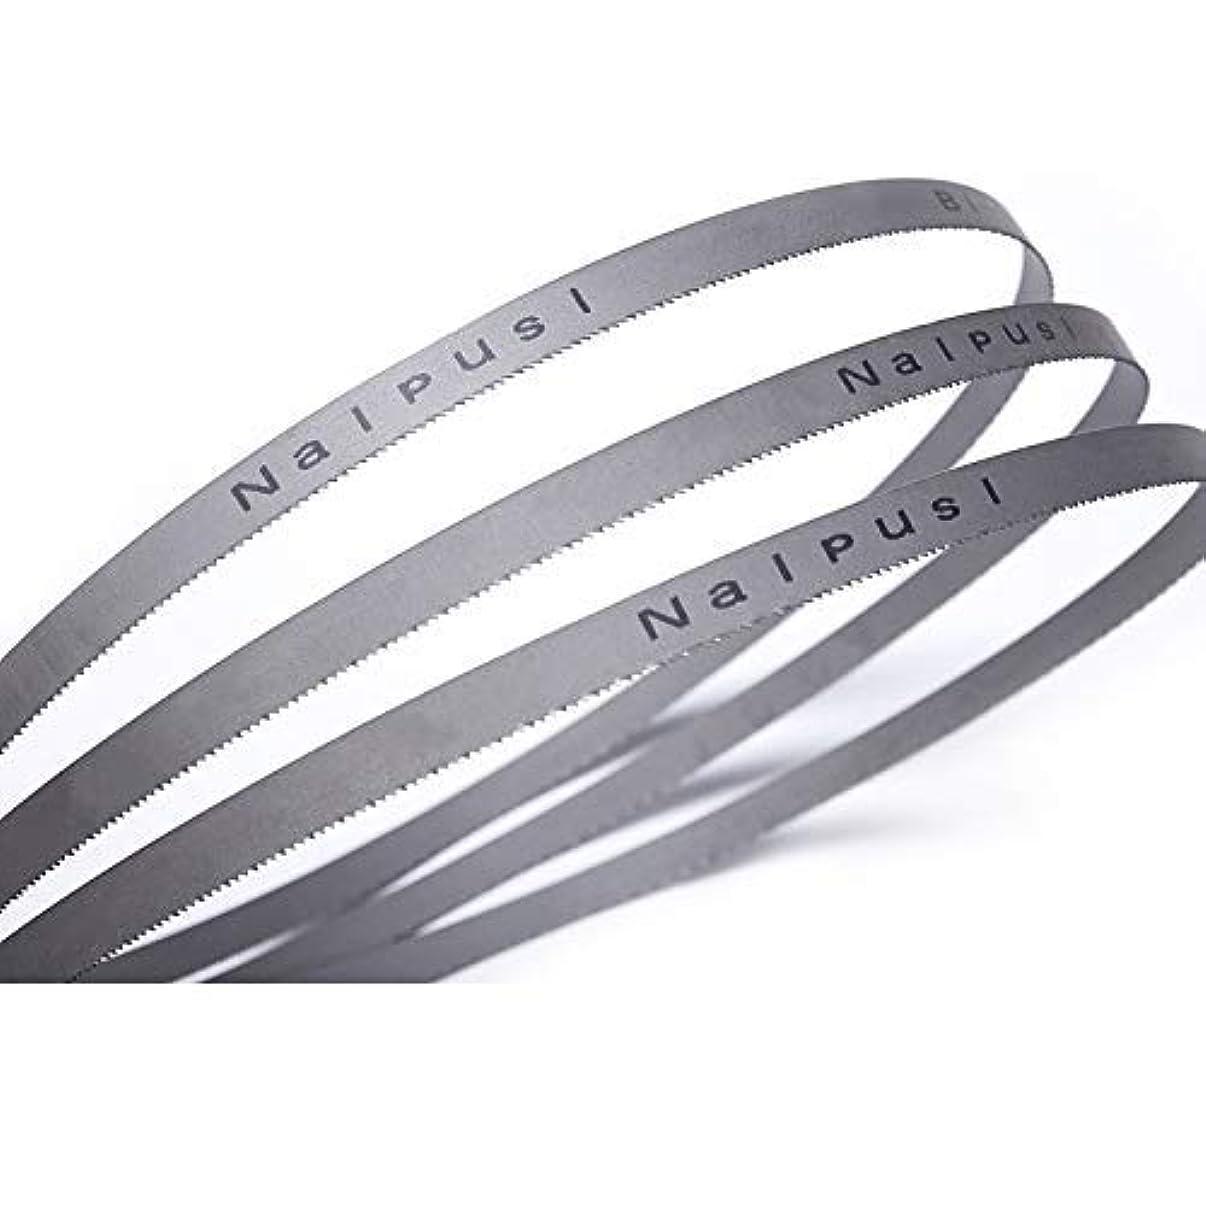 エミュレーションフィクション悪化させる3Pcs 56-1 / 2 x 1/2 x 14tpi双金属M42金属带锯刀片用于金属1435mm x 13mm高速钢带锯 - (外径:8和12 tpi)